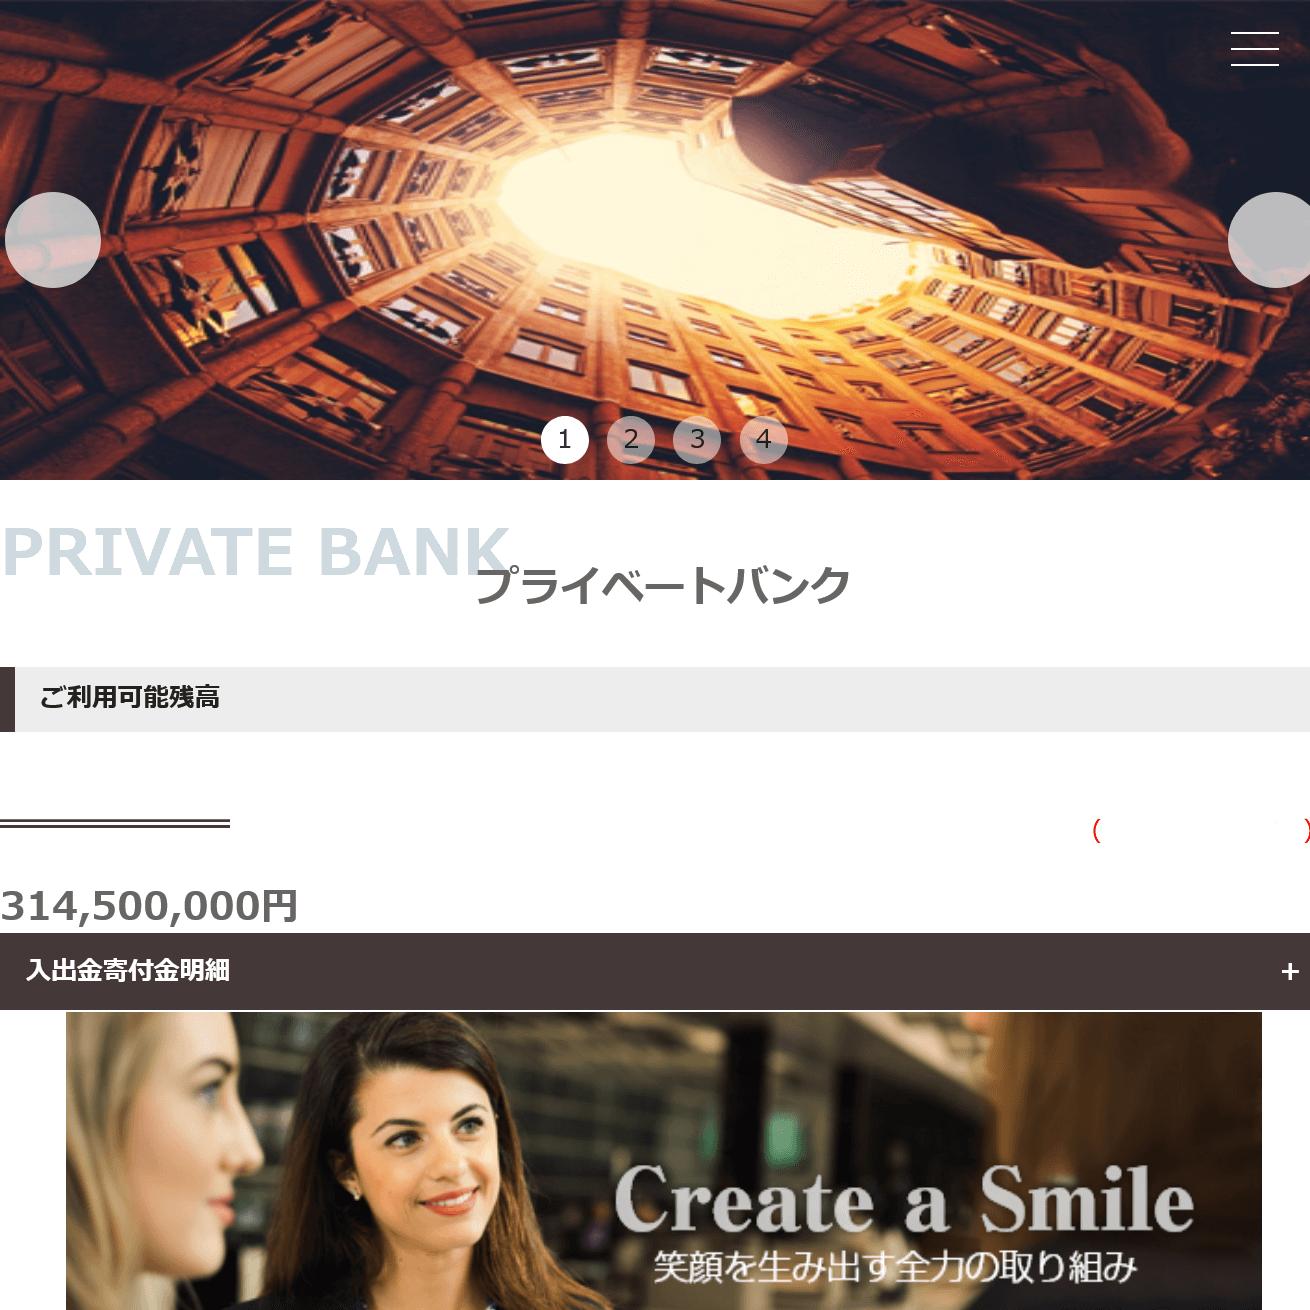 SKY(プライベートバンク) 迷惑メール 詐欺サイト